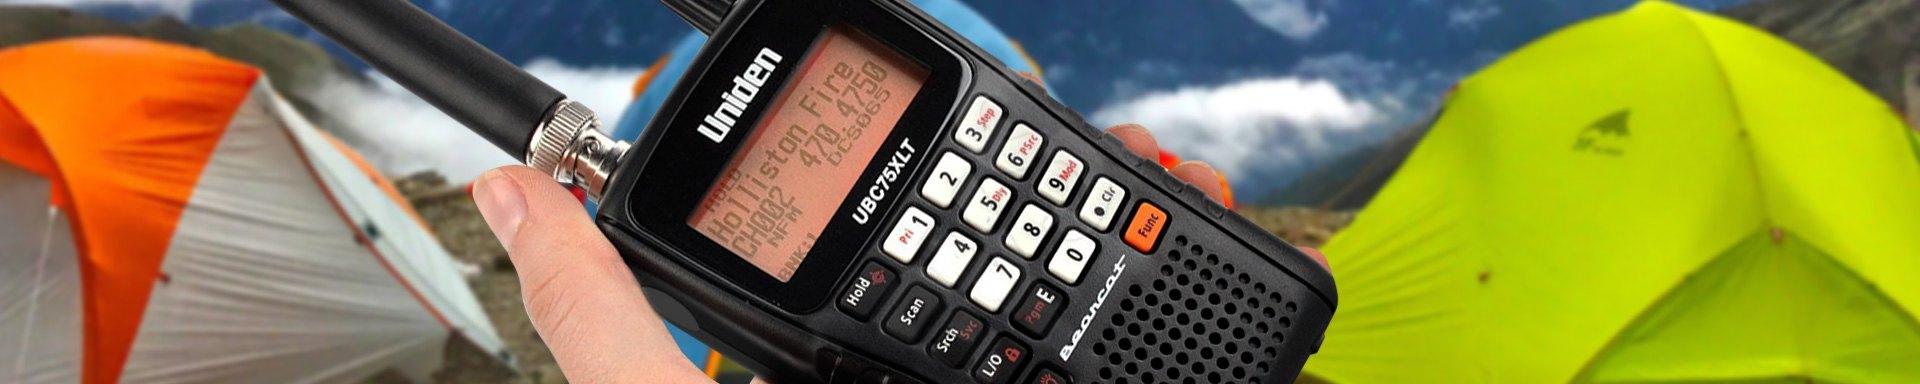 Uniden™ | Portable Radios - RECREATIONiD com